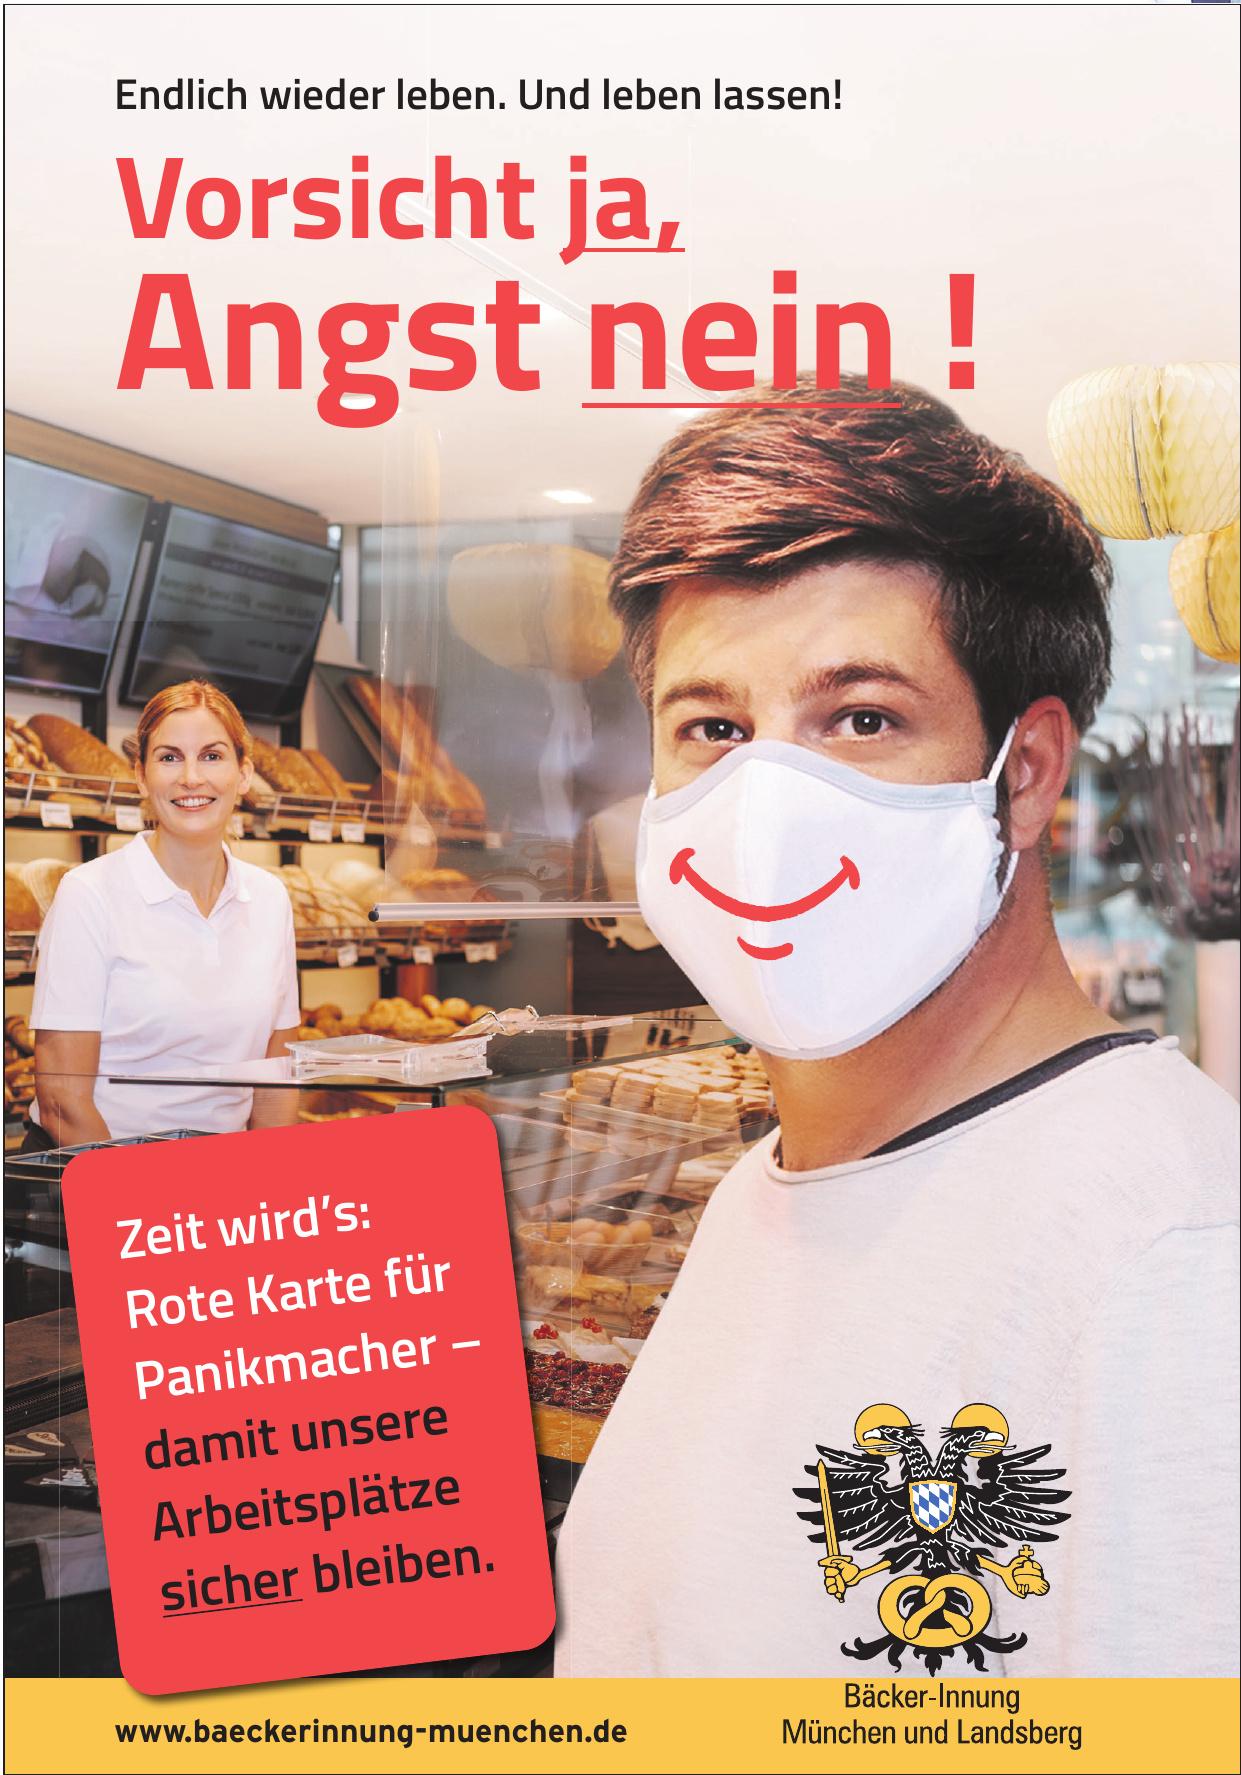 Bäcker-Innung München und Landsberg